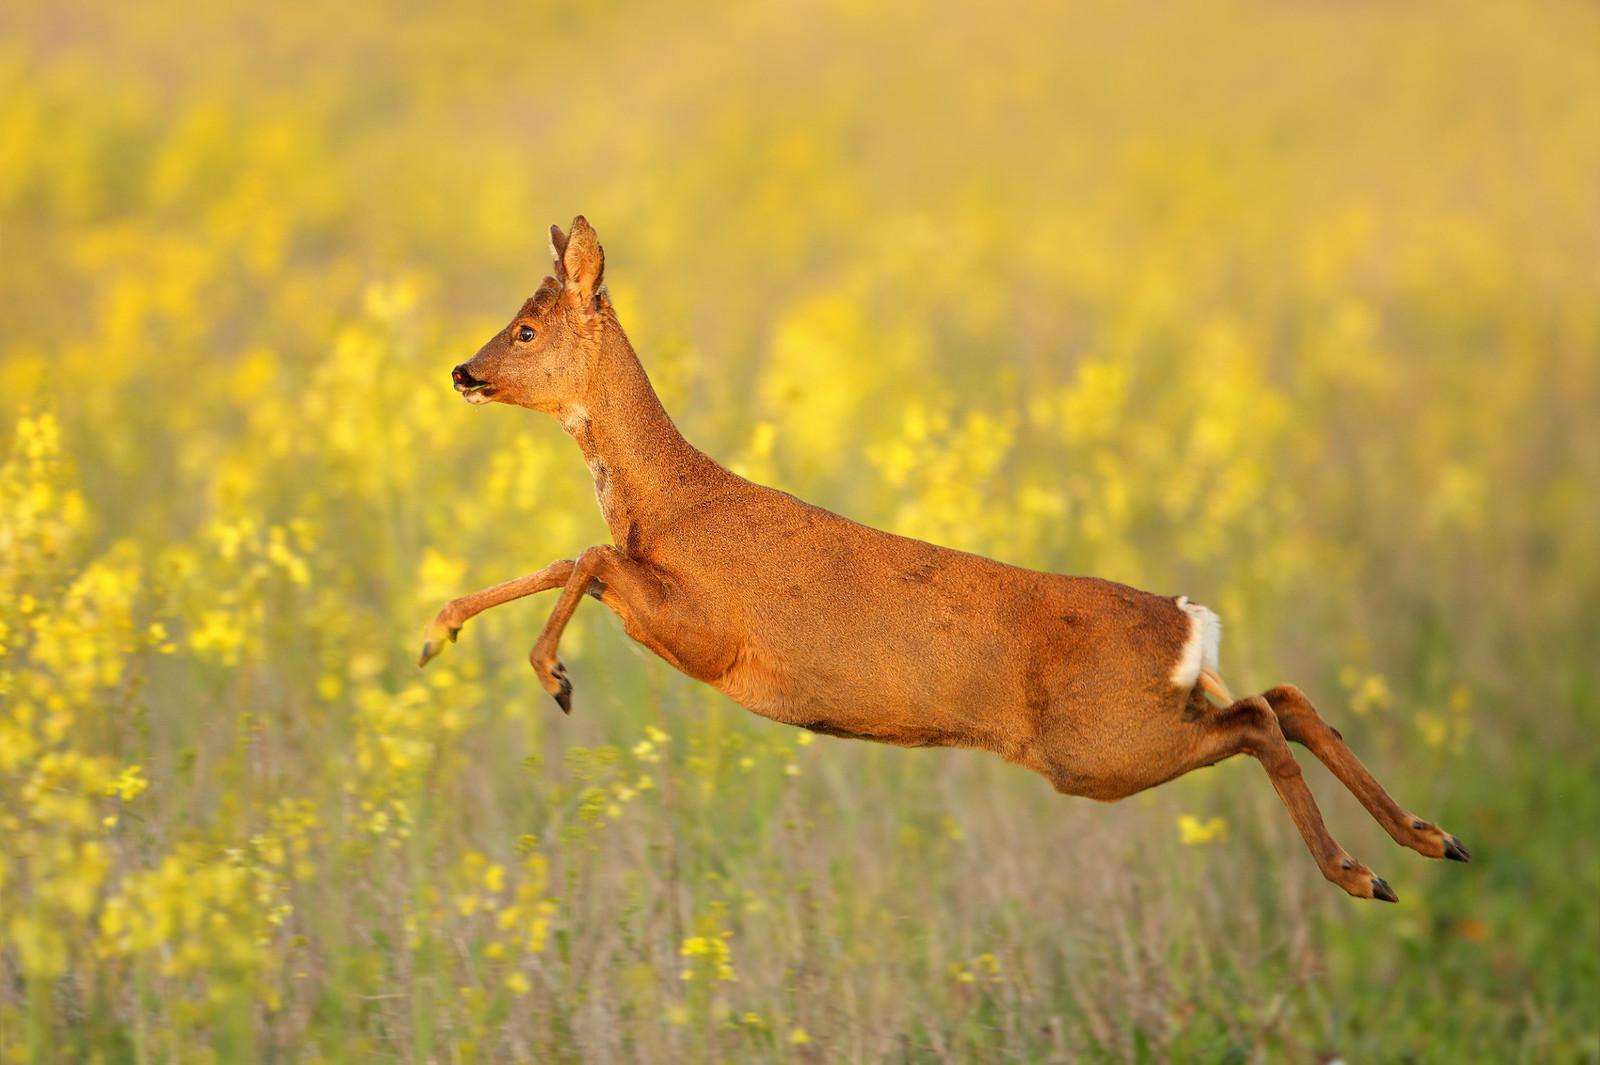 Leaping Roe Deer